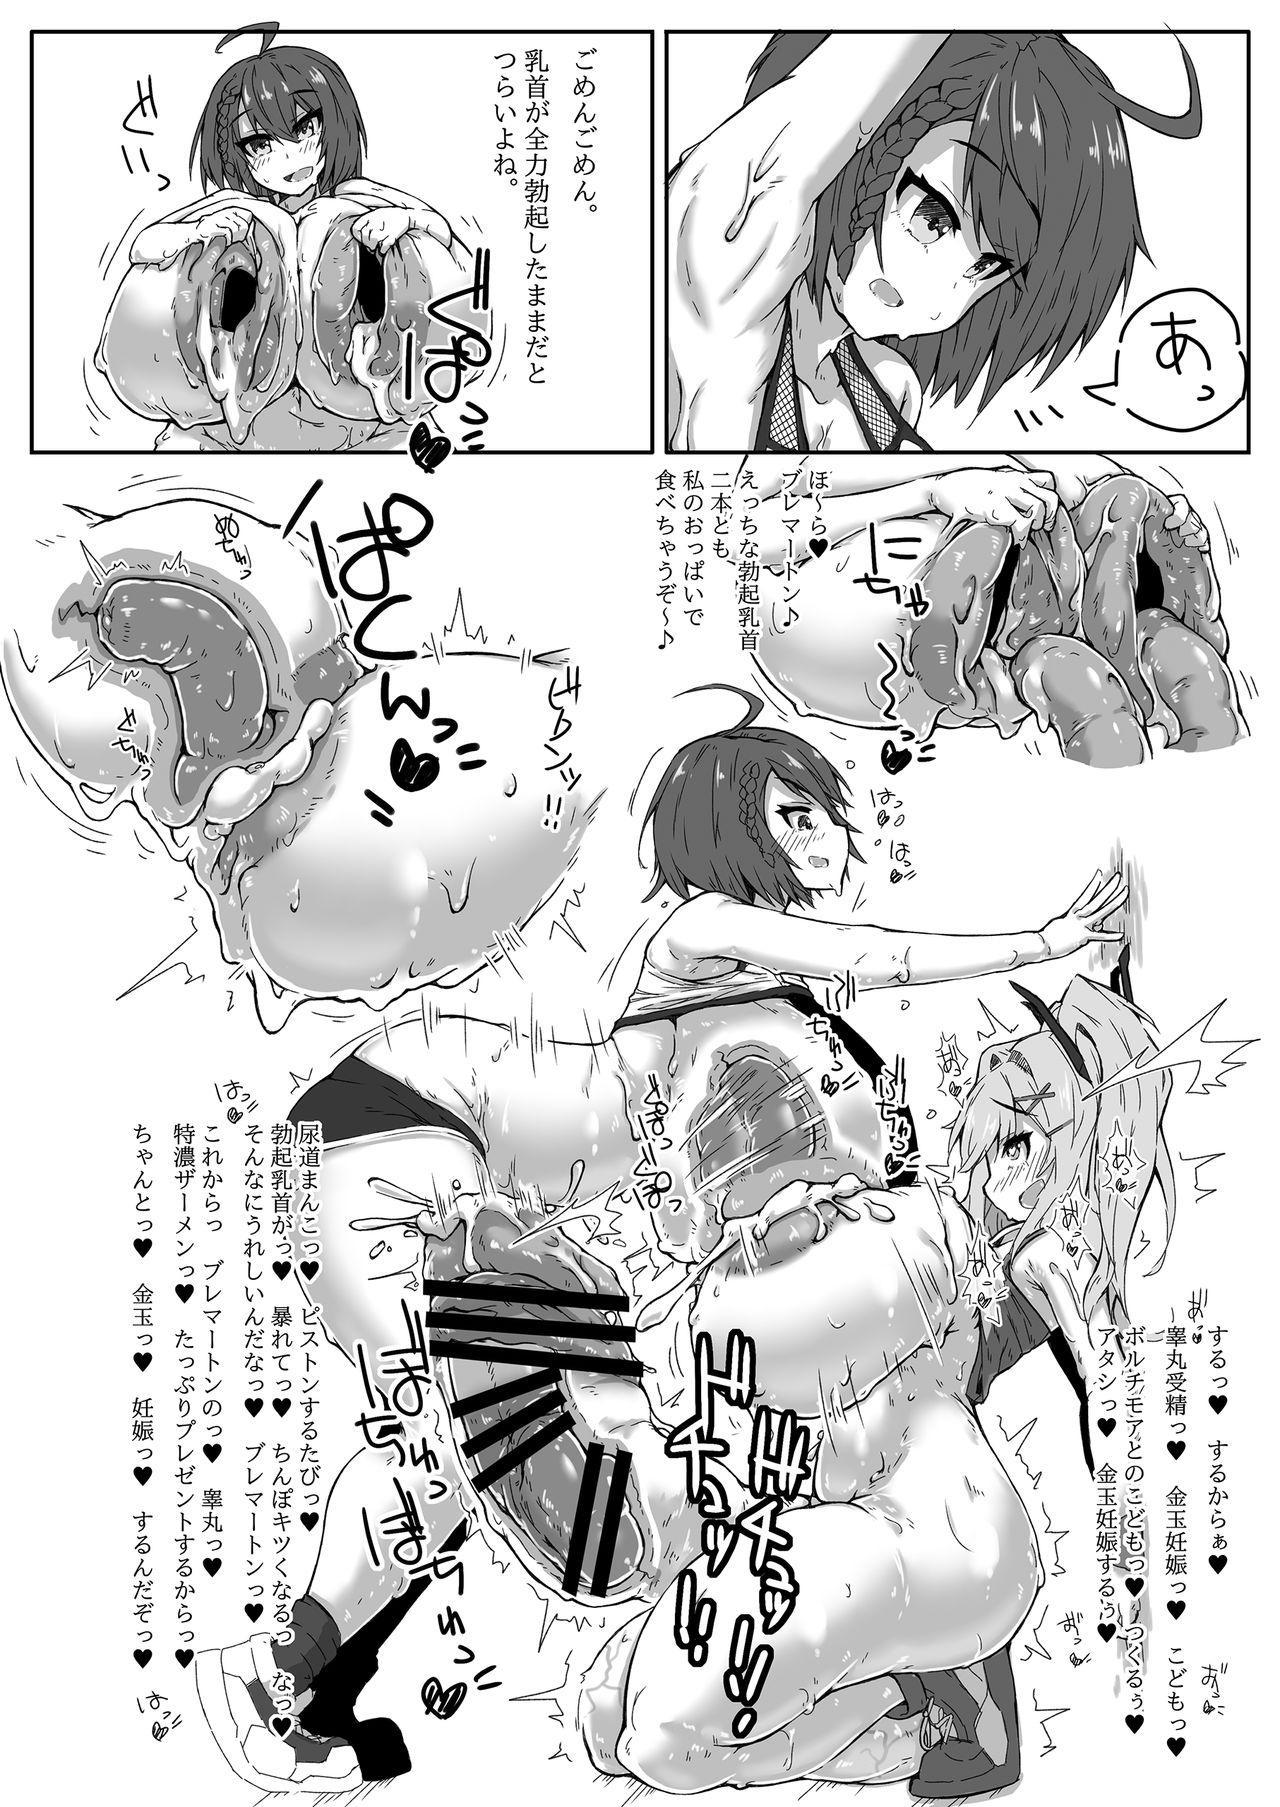 Futanari Kansen Hentai Seiko Report 12